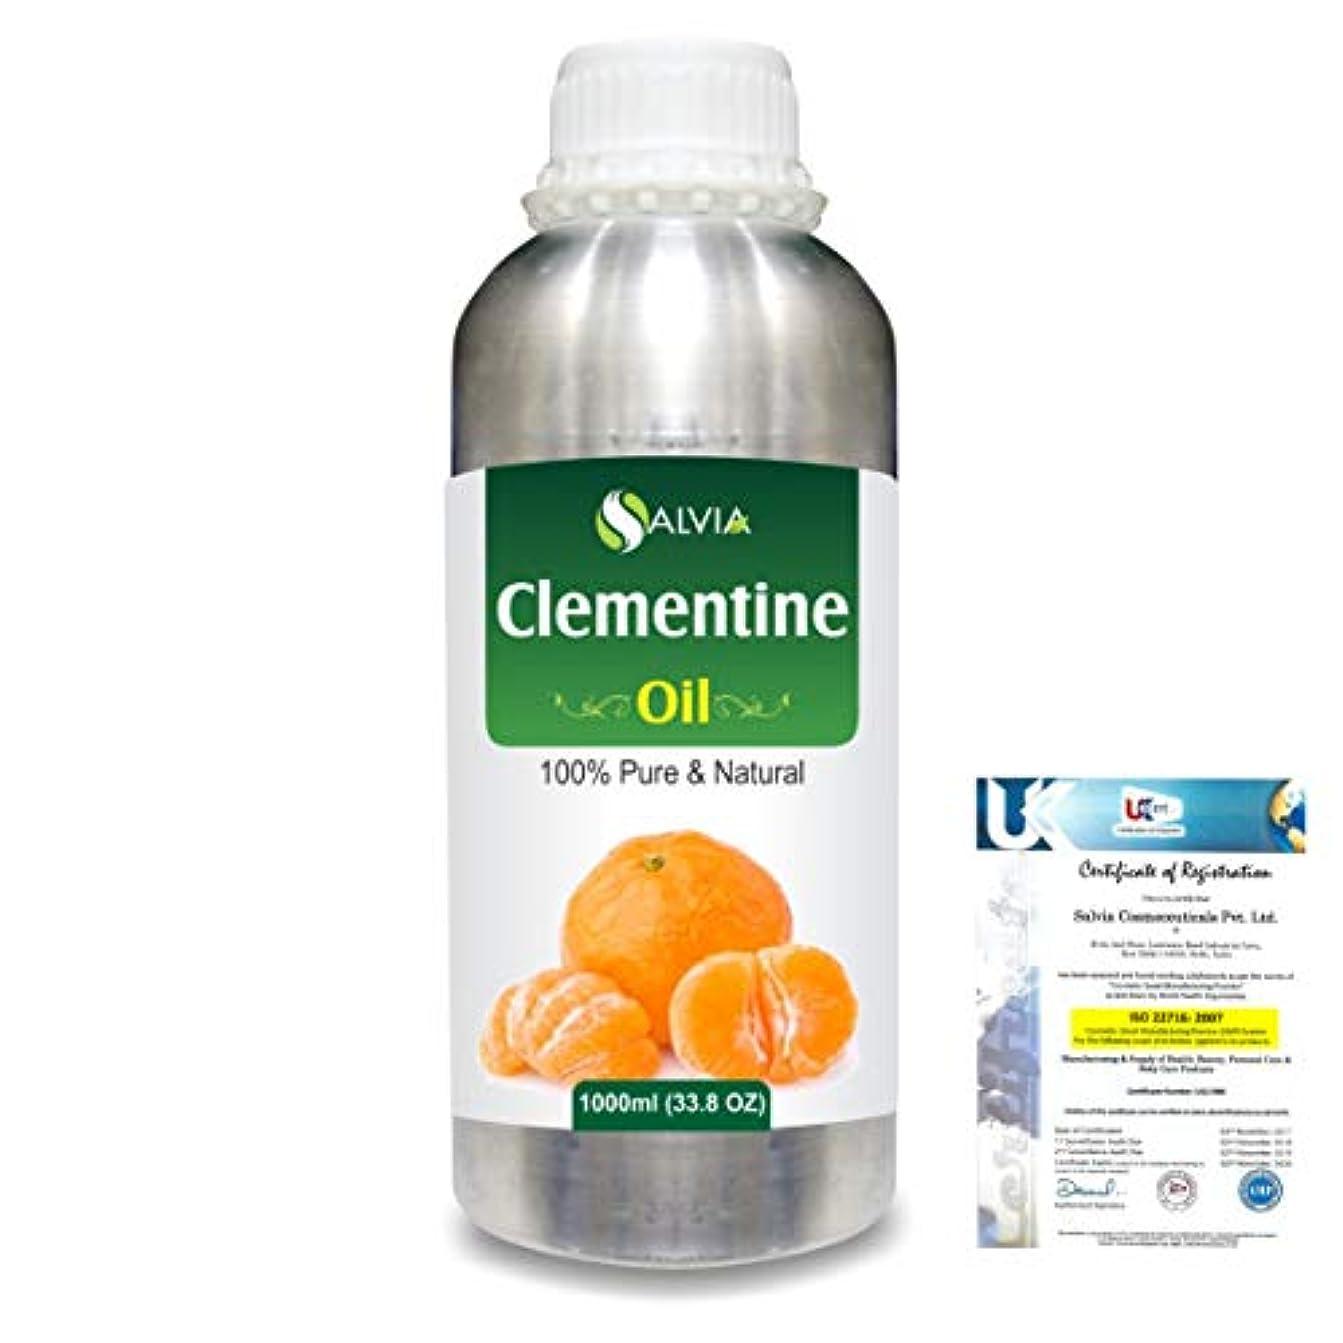 品衝動認めるClementine (Citrus Clementine) 100% Natural Pure Essential Oil 1000ml/33.8fl.oz.